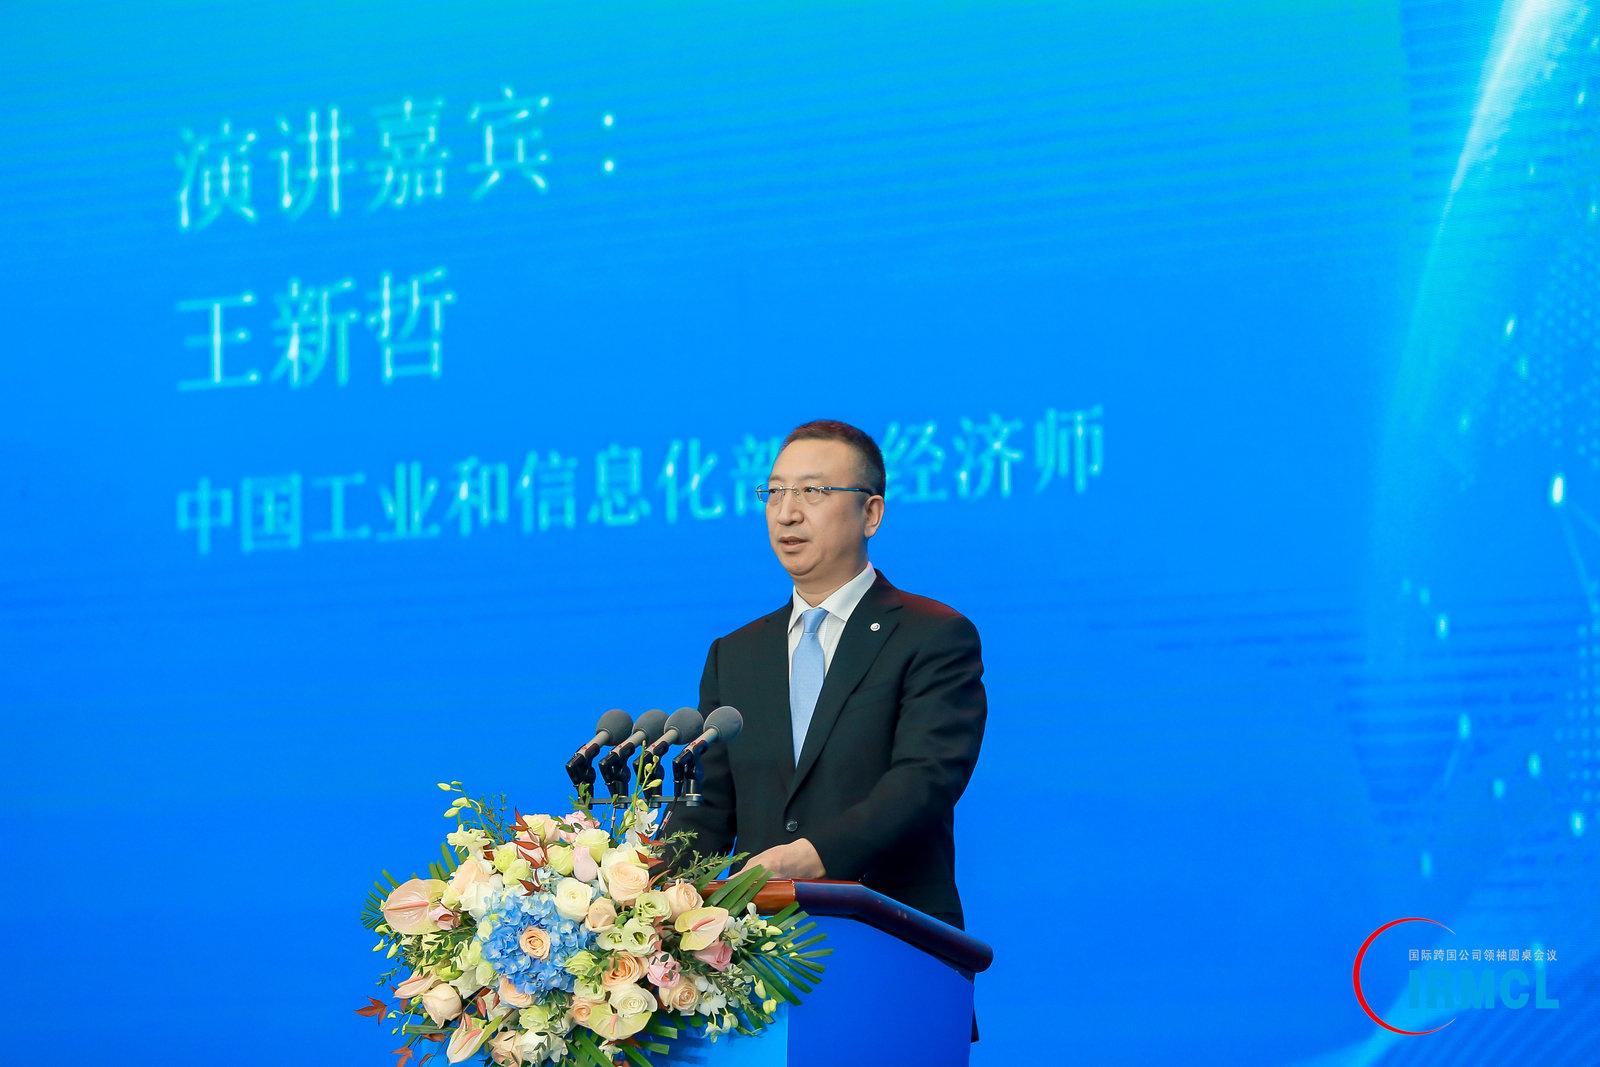 王新哲:中国制造业因开放而兴 未来仍要坚持更高水平的对外开放